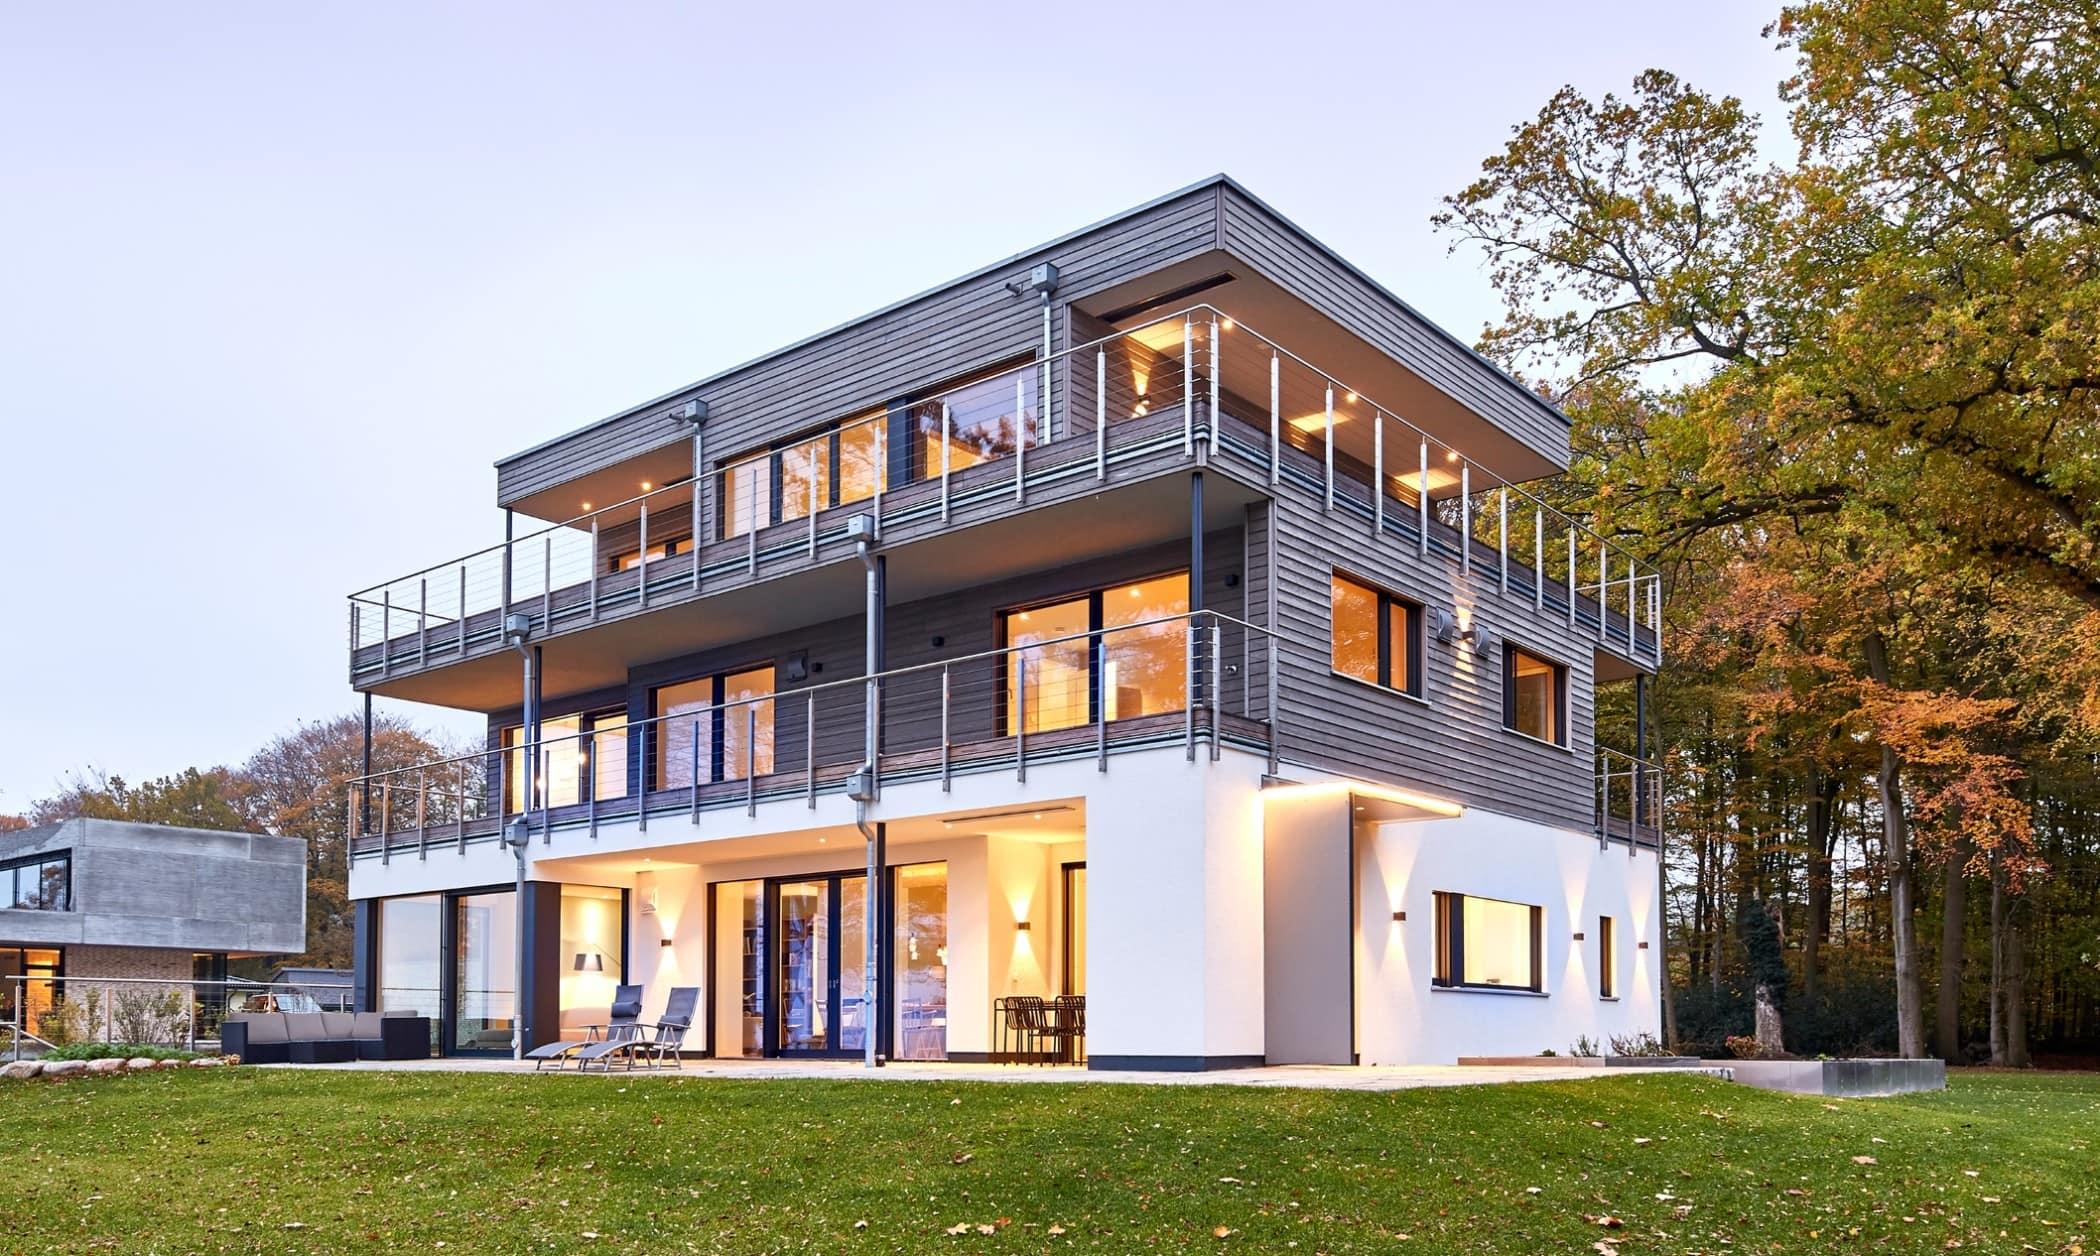 Einfamilienhaus modern mit Flachdach Architektur im Bauhausstil & Holz Putz Fassade - Haus bauen Ideen BAUFRITZ Architektenhaus MEHRBLICK - HausbauDirekt.de